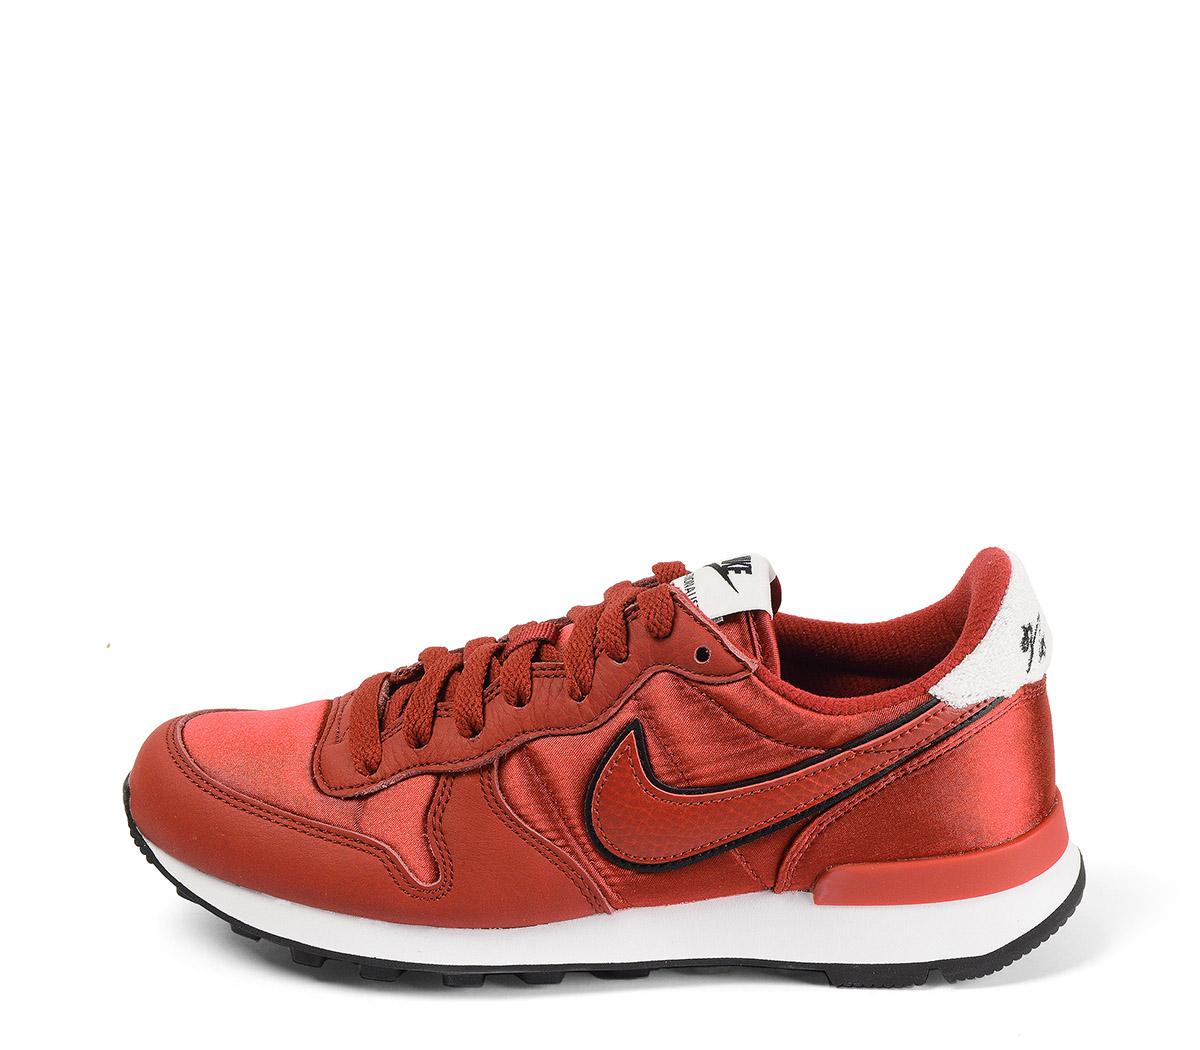 Ref. 4027 Nike Internationalist combinada piel burdeos con tela al tono. Simbolo negro y burdeos. Cordones al tono. Detalle trasero color blanco.